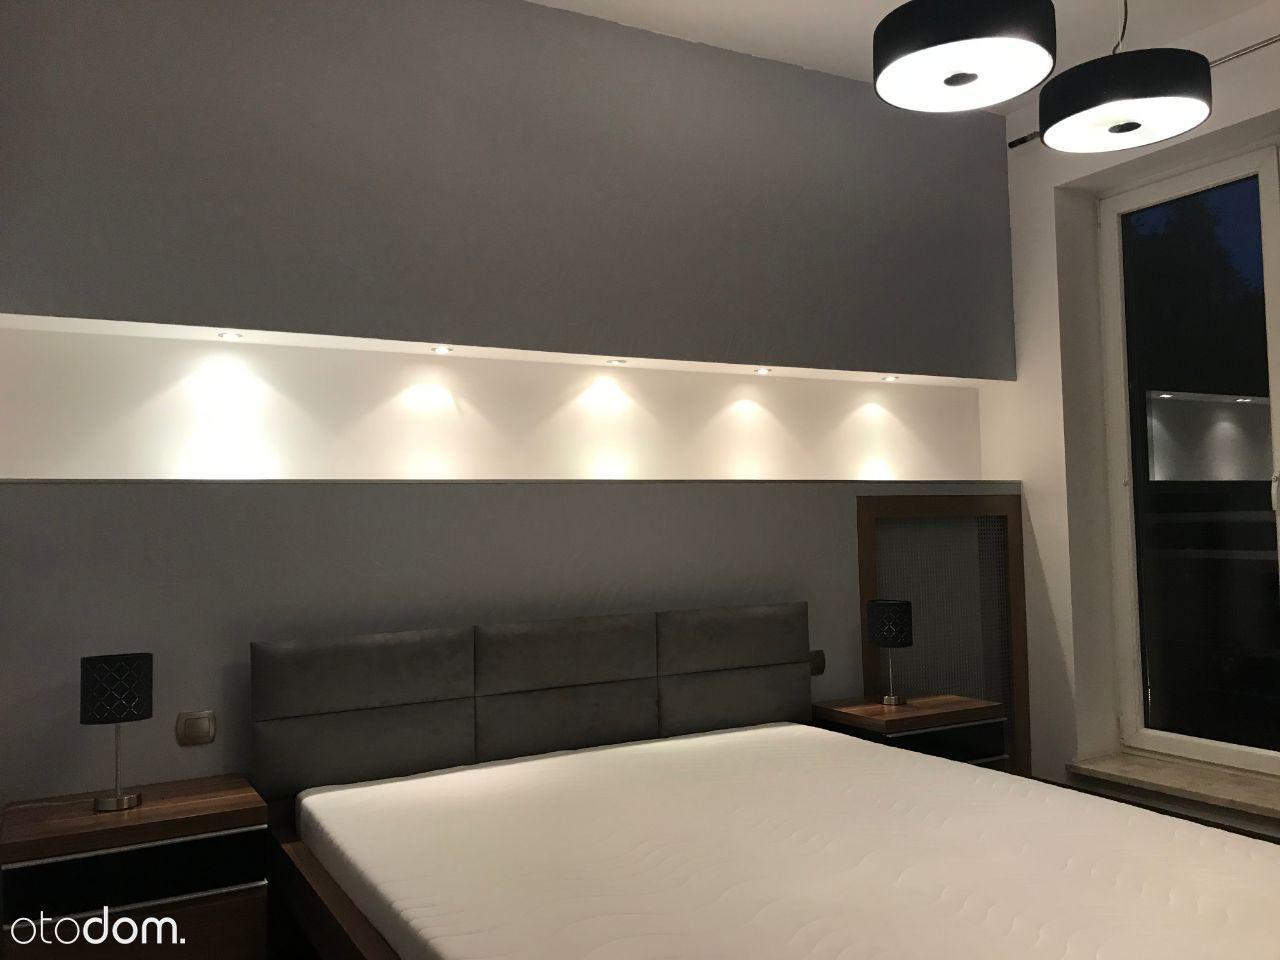 Łódź, Kaczeńcowa 74 m2, 3 pokoje, 2 piętro ochrona